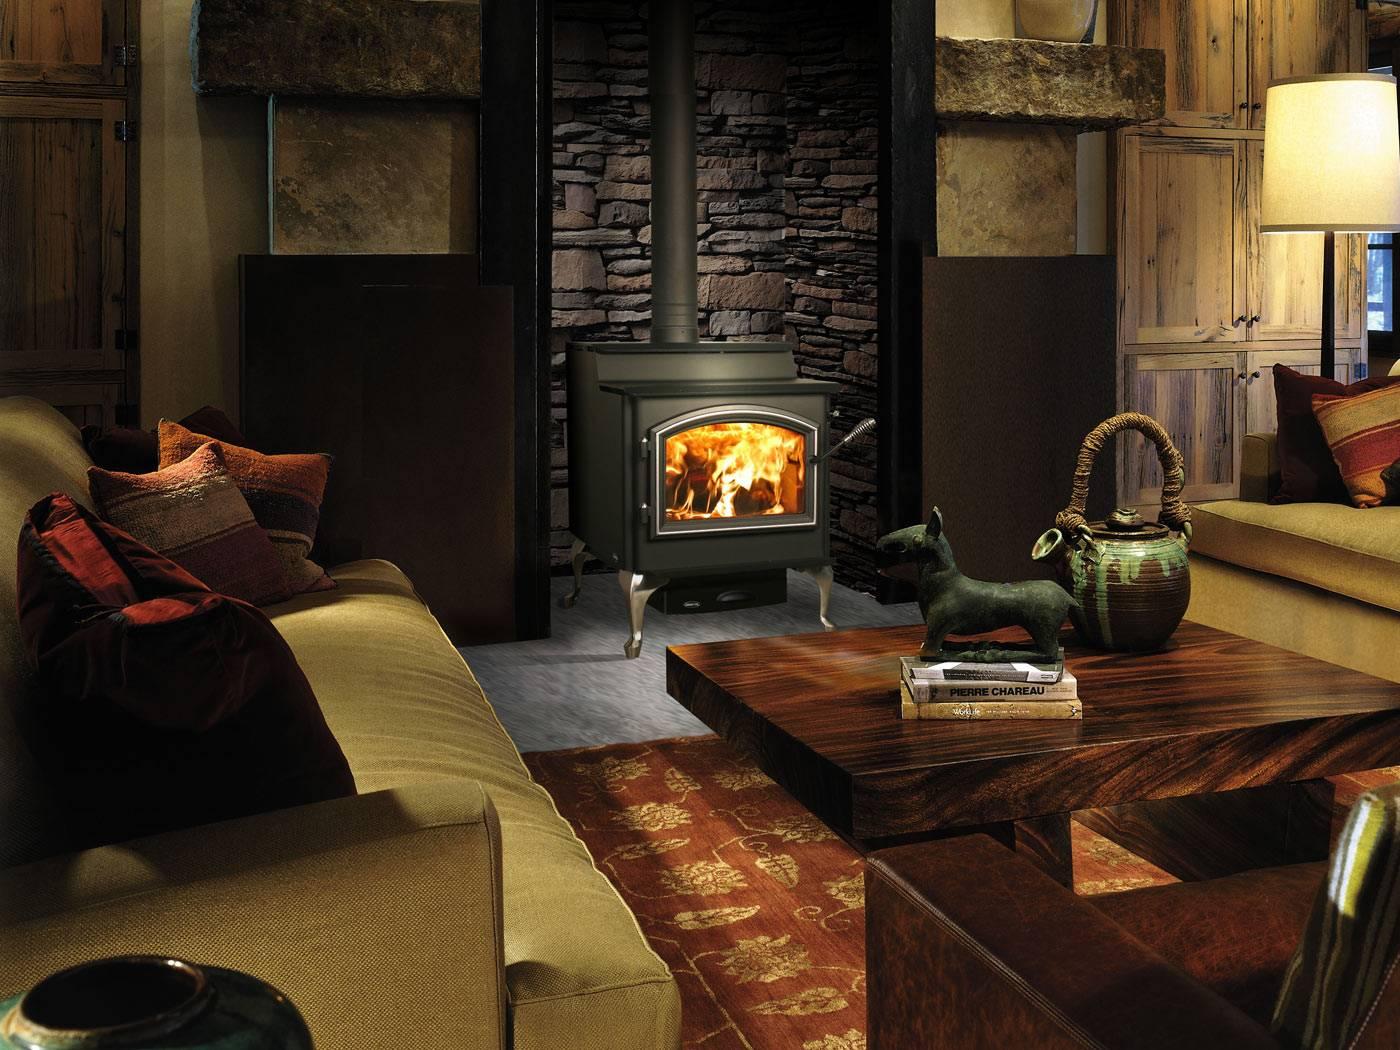 northfield fireplace u0026 grills stoves